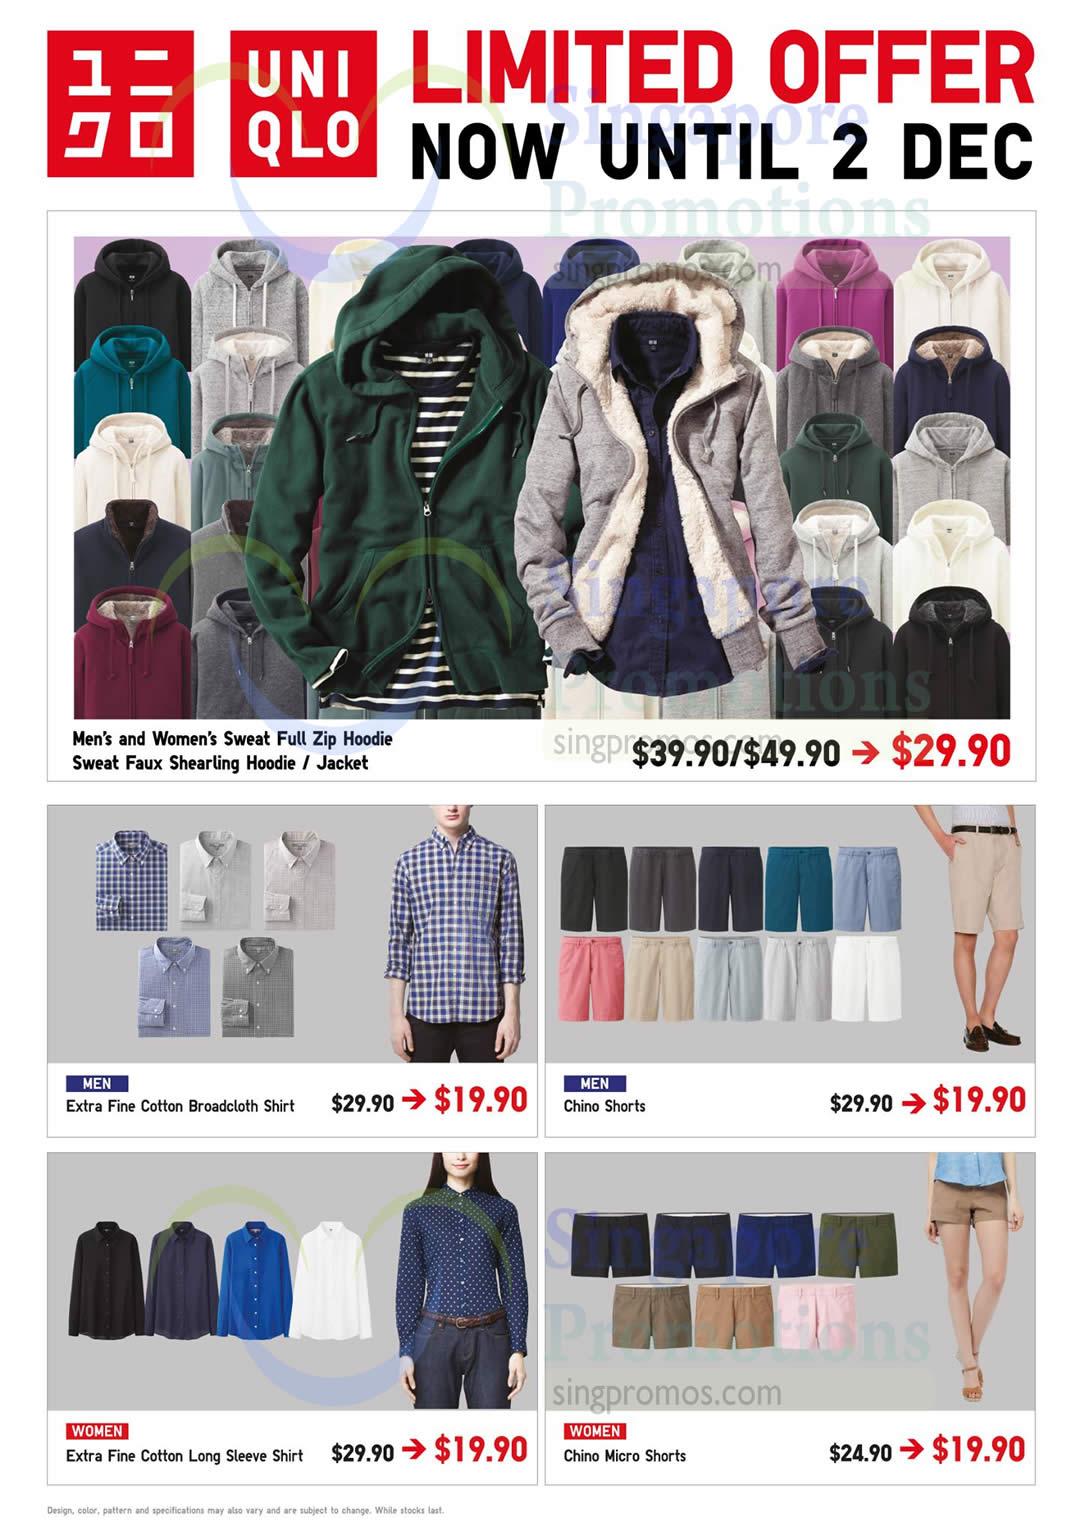 Sweat Full Zip Hoodie, Men Cotton Broadcloth Shirt, Chino Shorts, Women Shirt